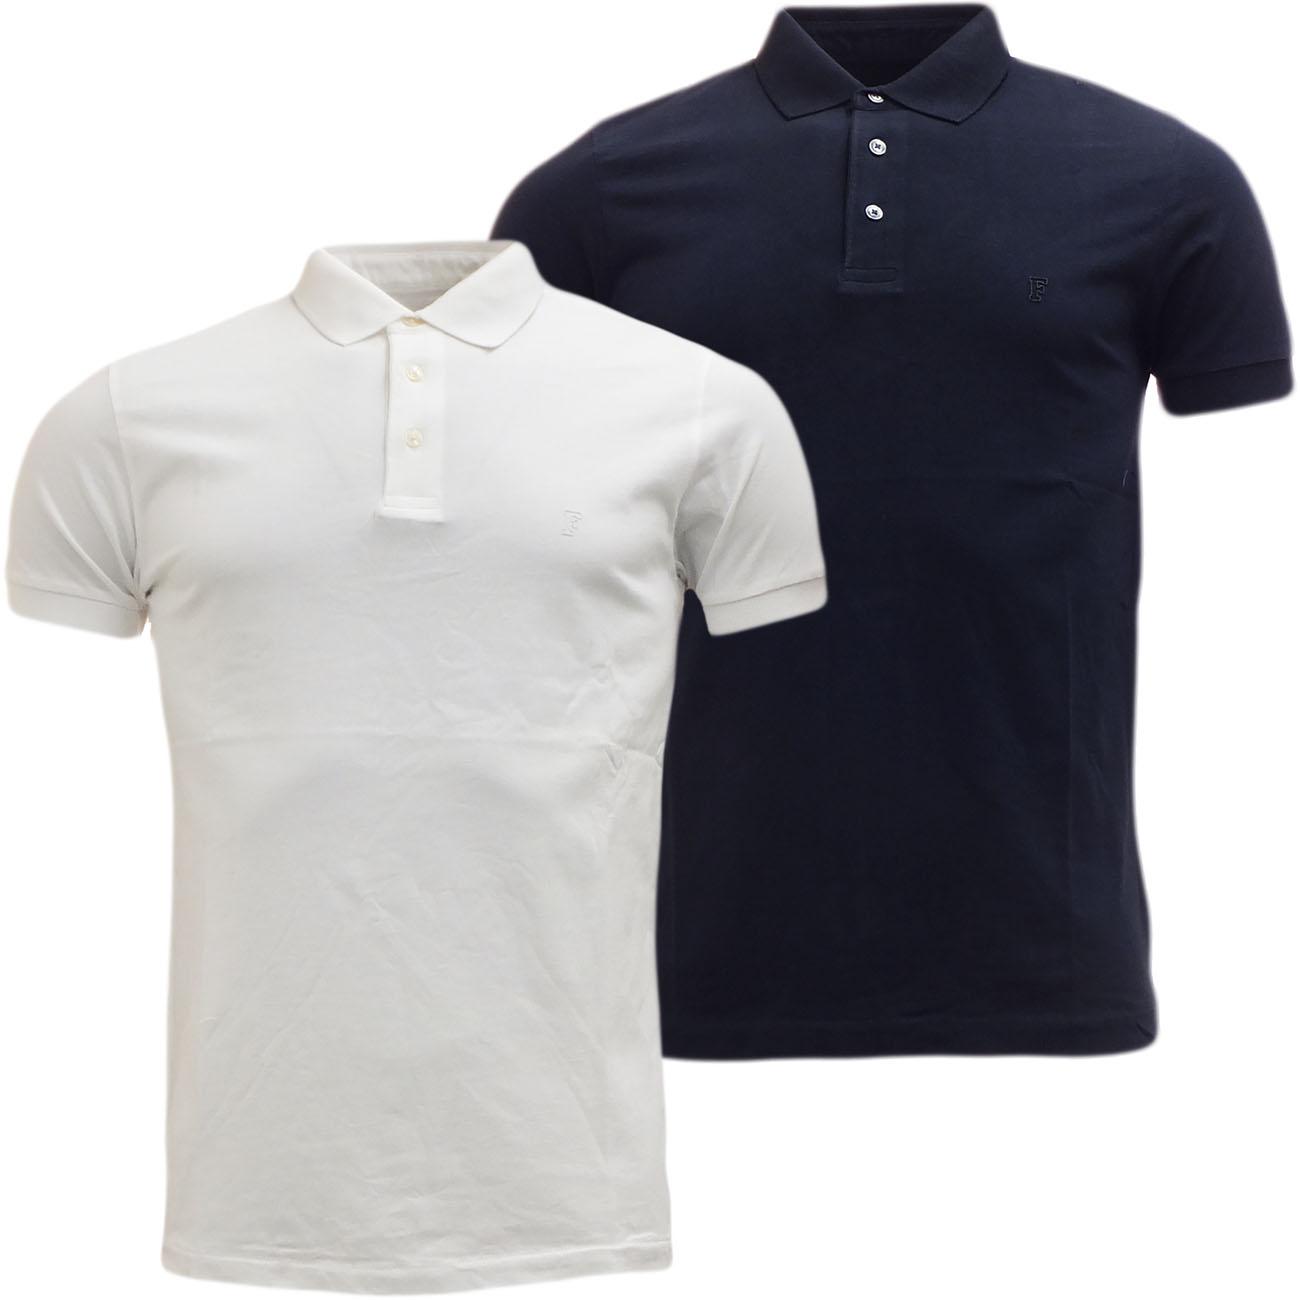 Fcuk Plain Polo Shirt